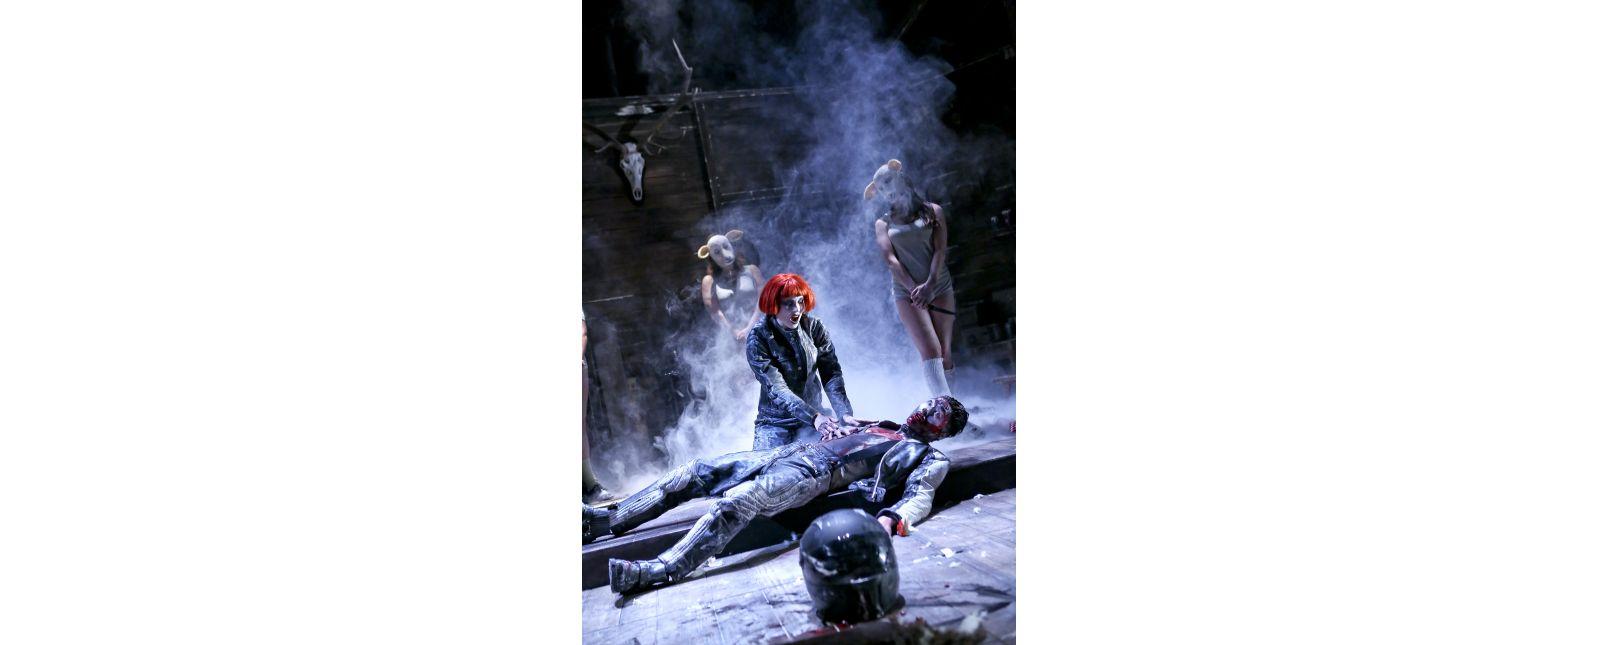 The Black Forest Chainsaw Opera // Inga Schäfer, Lukas Hupfeld // Birgit Hupfeld / 2018